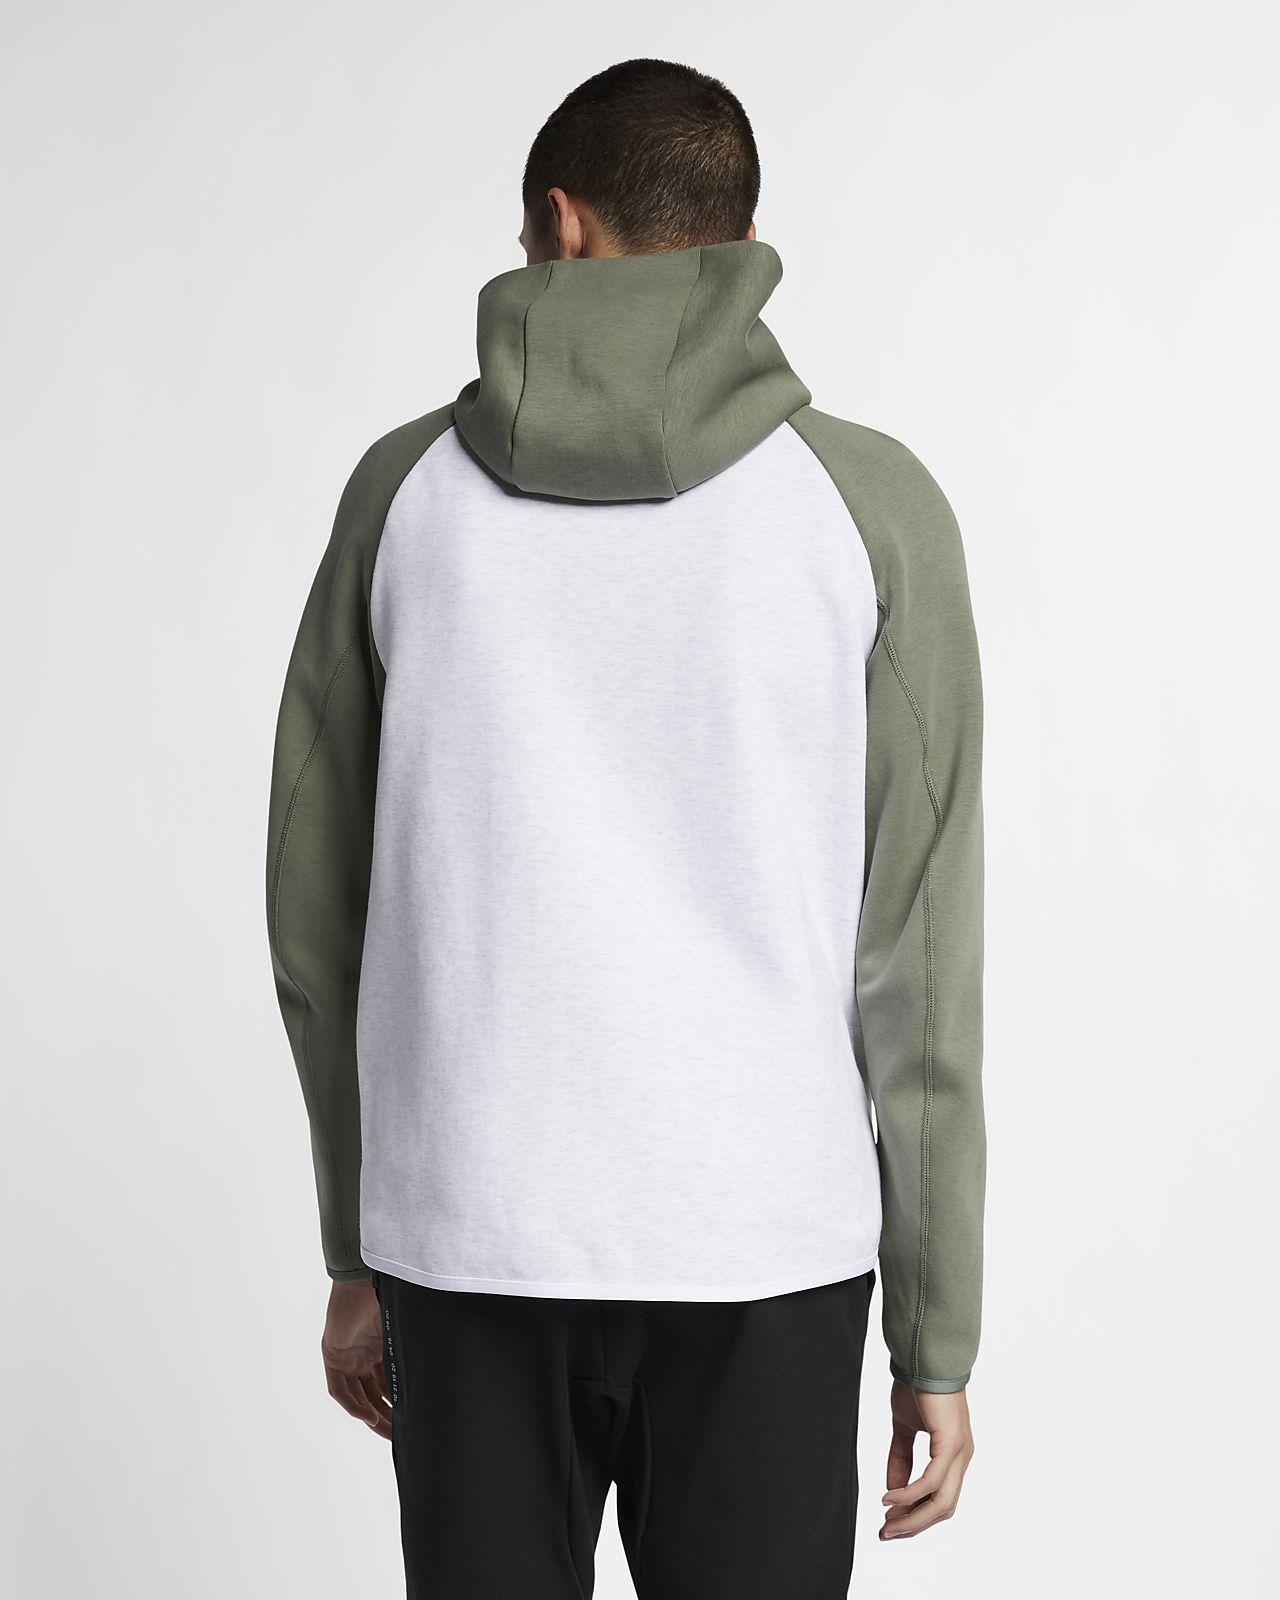 1346d2d8ce79 Nike Sportswear Tech Fleece Men s Full-Zip Hoodie. Nike.com CA